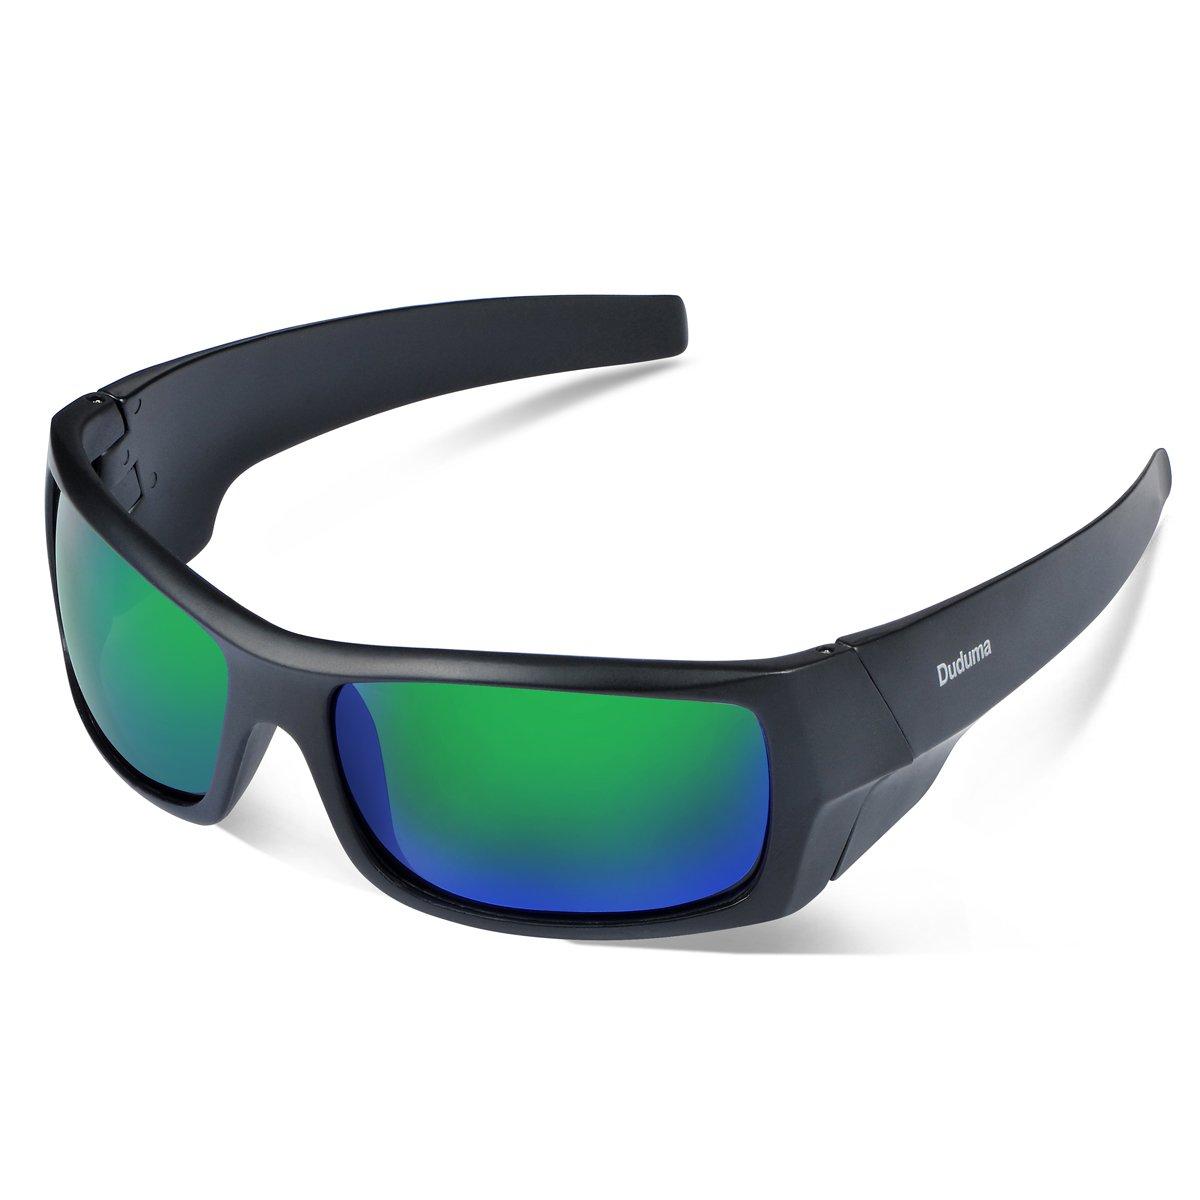 Duduma Gafas de Sol Deportivas Polarizadas Para Hombre Perfectas Para Esquiar Golf Correr Ciclismo TR601 Súper Liviana Para Hombre y Para Mujer